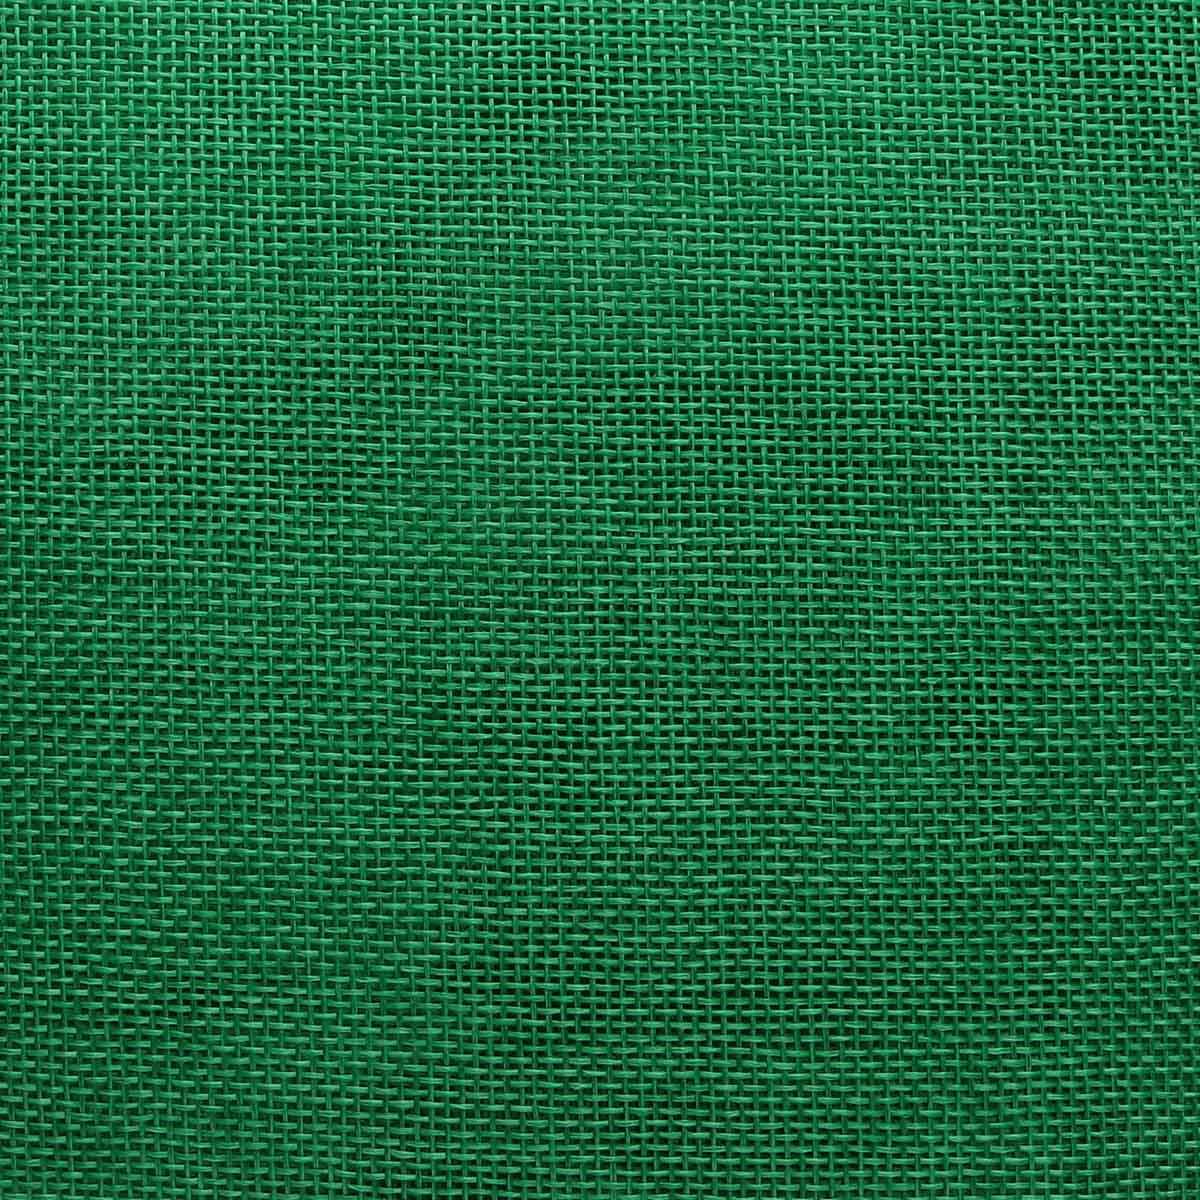 2AR111 Рогожка 100% полиэстер 48*50см (зеленый)